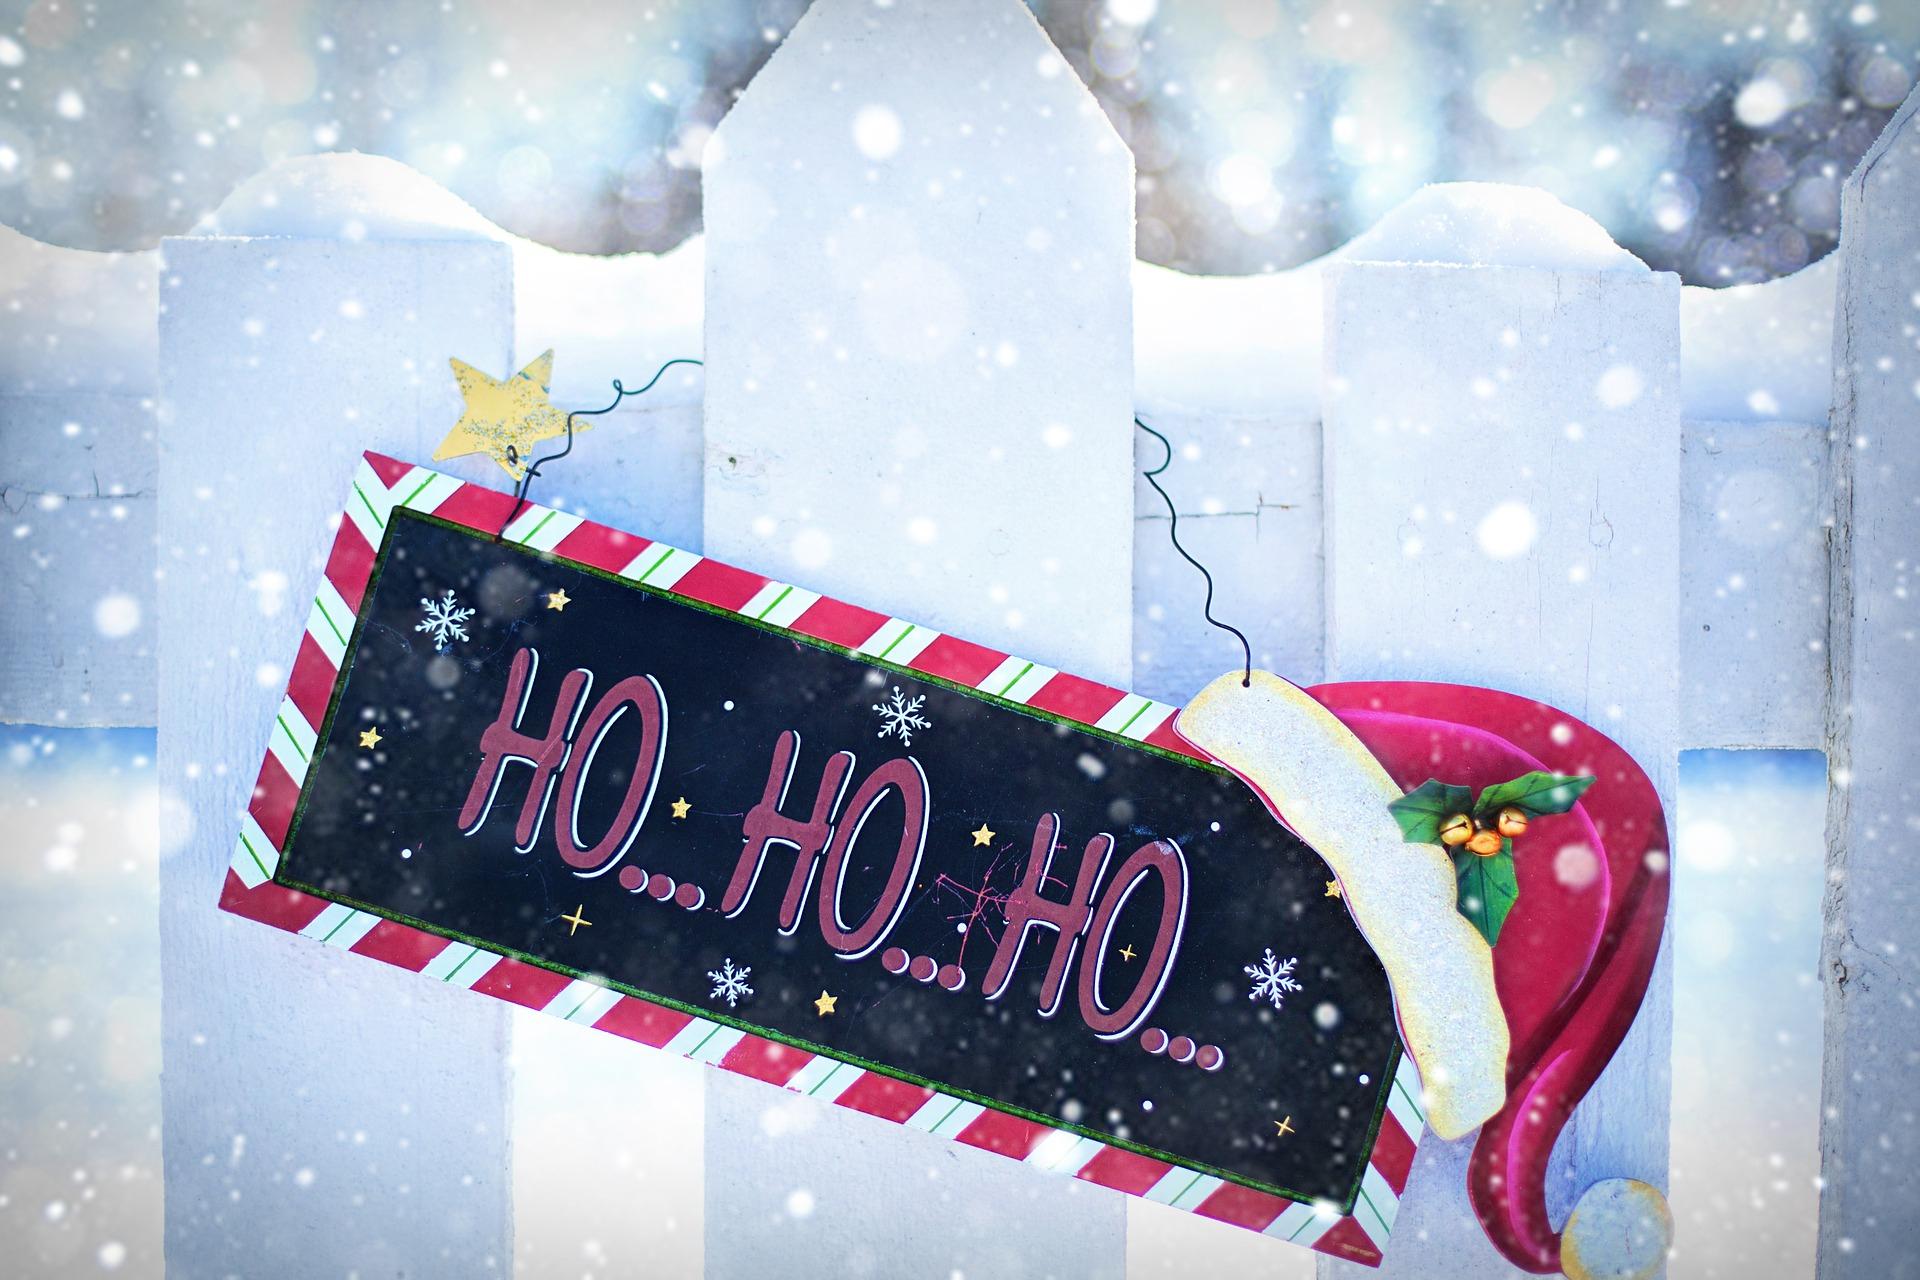 Weihnachtsgrußkarten Kostenlos Zum Herunterladen ganzes Weihnachtsgrüße Zum Ausdrucken Kostenlos